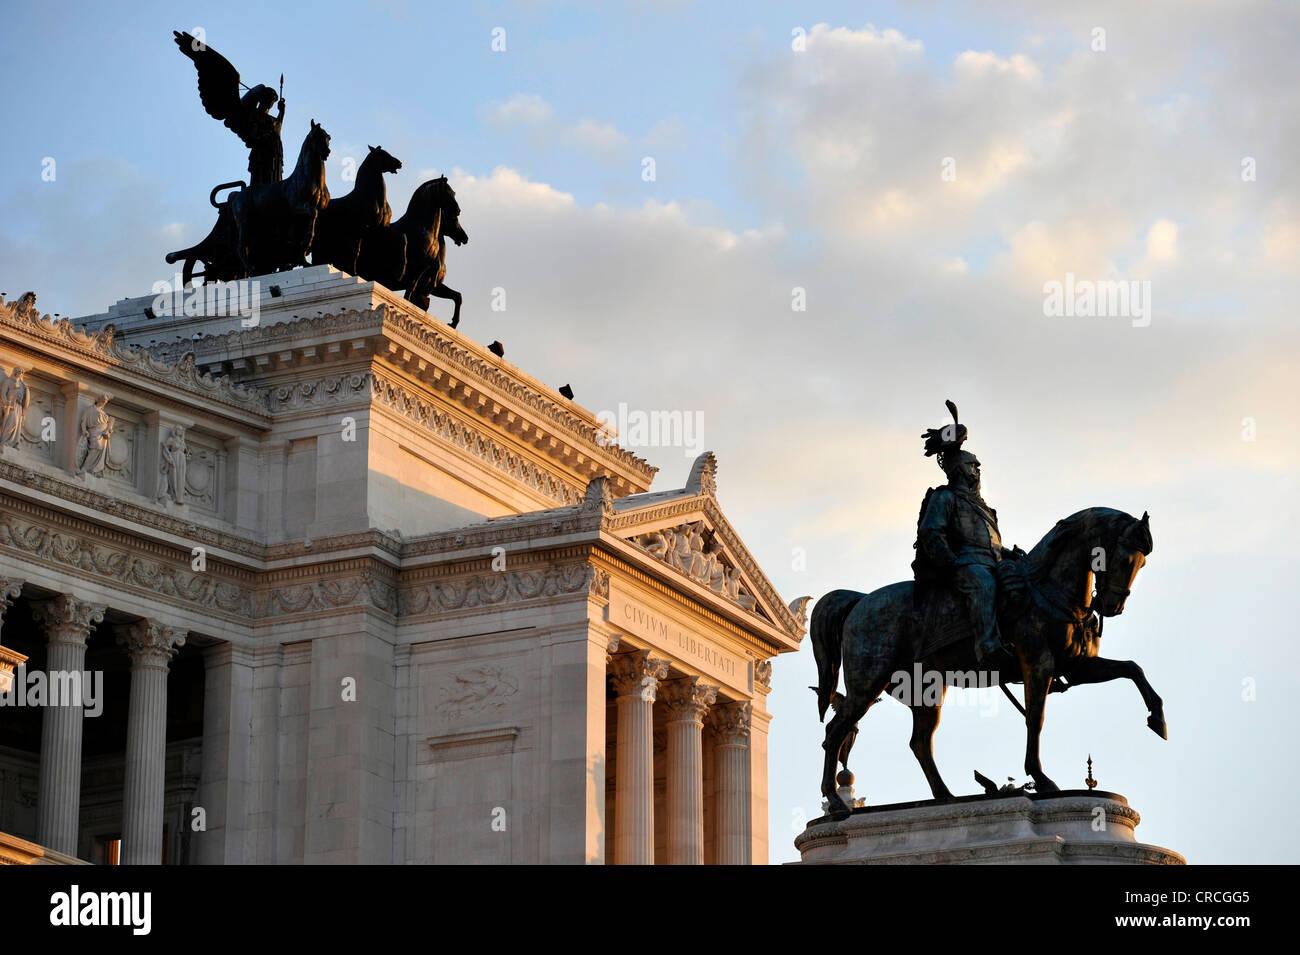 National Memorial to King Vittorio Emanuele II, Vittoriano or Altare della Patria, with the Quadriga della Libertà - Stock Image